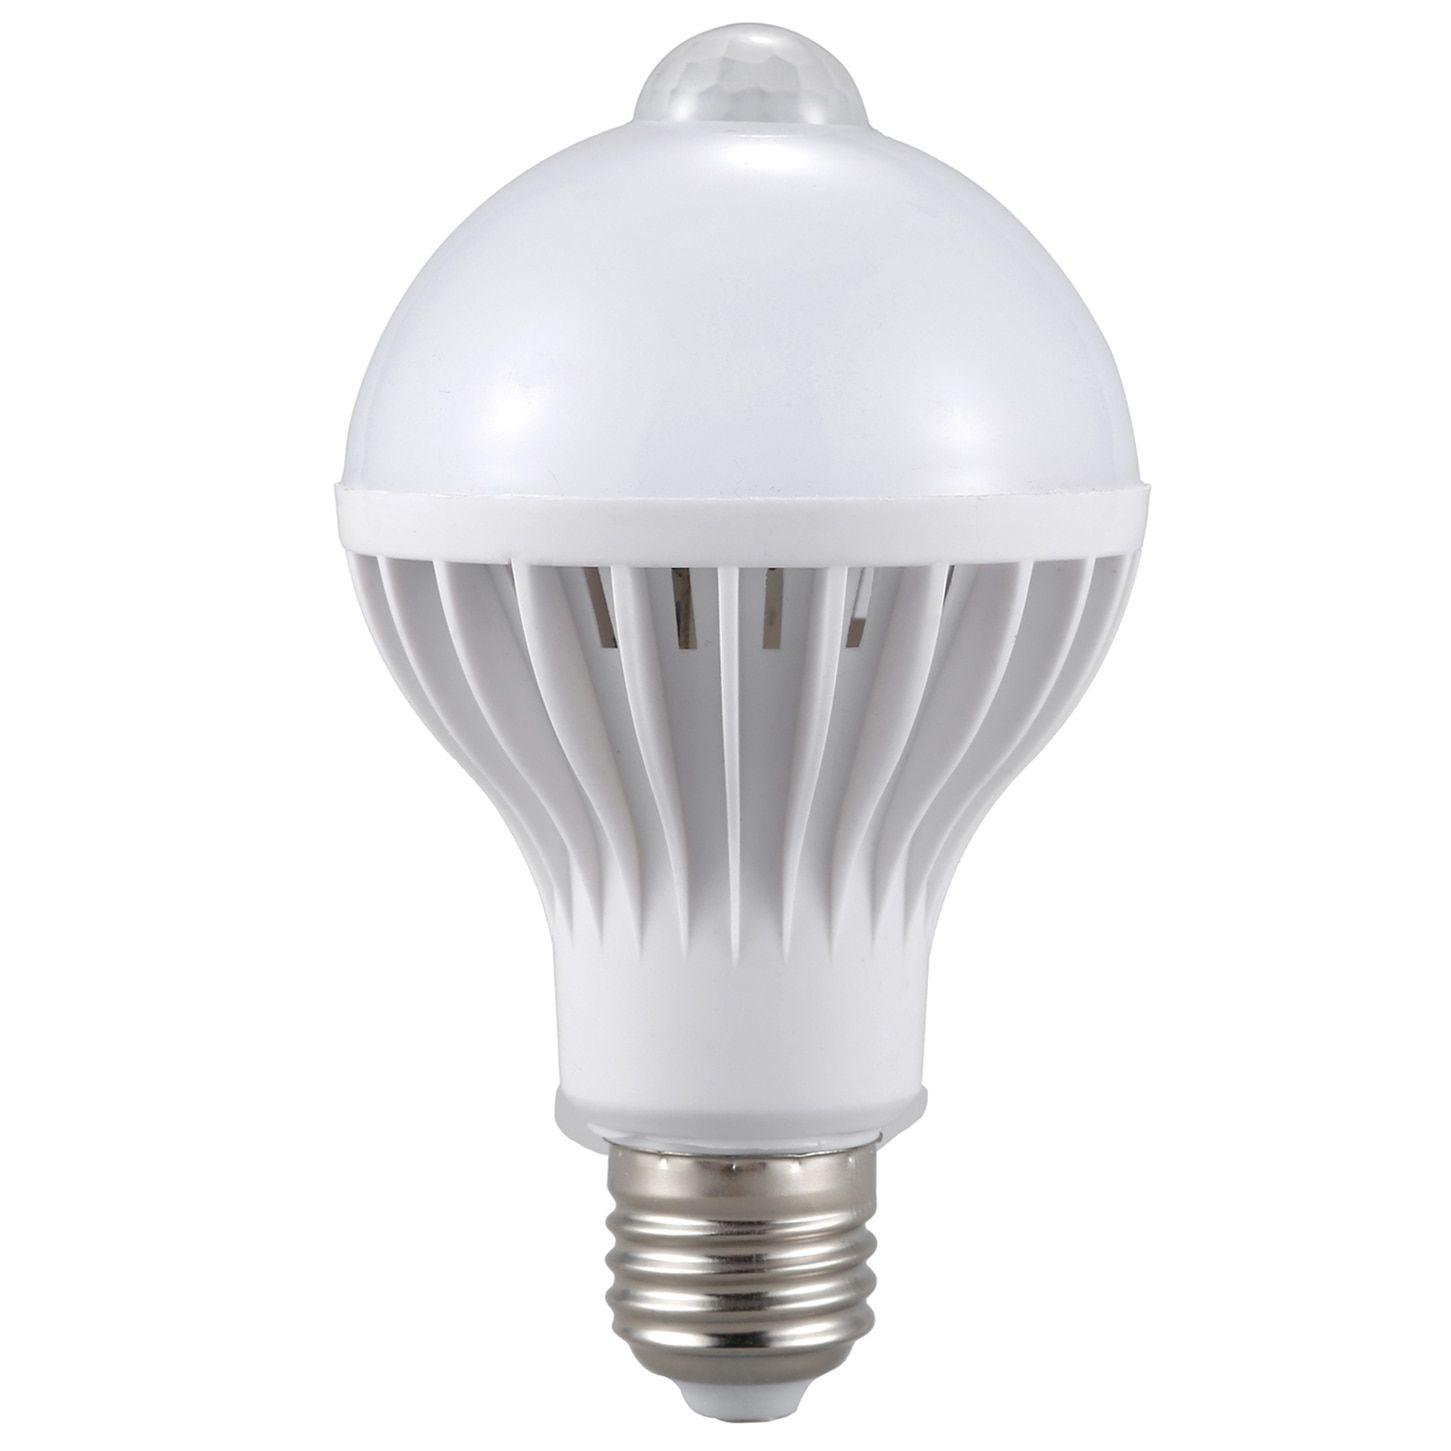 E27 Led Bulb Light Motion Sensor Light Led Pir Motion Sensor Lamp Globe Bulb Light Lamp Buy Now Discount 12 12 Price 3 Led Bulb Light Bulb Lamp Light